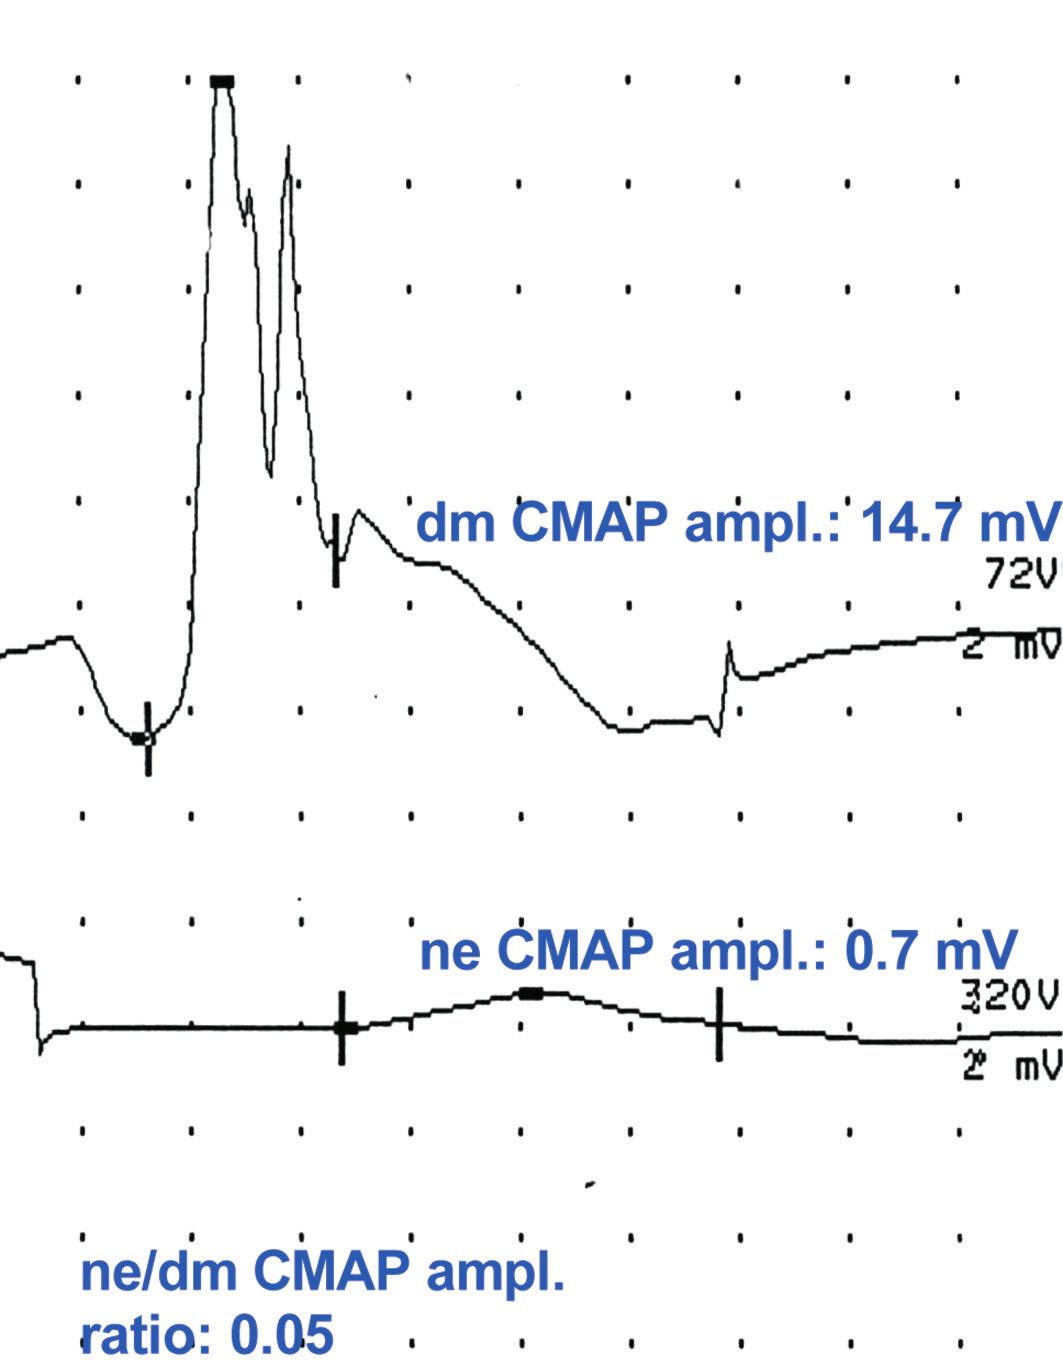 a–c. Záznam přímé svalové stimulace [73 s laskavým svolením Springer Science + Business Media]. Horní křivky představují záznam svalové odpovědi vyvolané přímou svalovou stimulací intramuskulárně jehlovou elektrodou (dmCMAP), dolní křivky představují záznam svalové odpovědi při stimulaci nervu povrchovou elektrodou (neCMAP).  Obr. 2a ukazuje normální dmCMAP, sníženou neCMAP a nízký poměr ne/dmCMAP (0,05) svědčící pro neurogenní lézi (< 0,5).